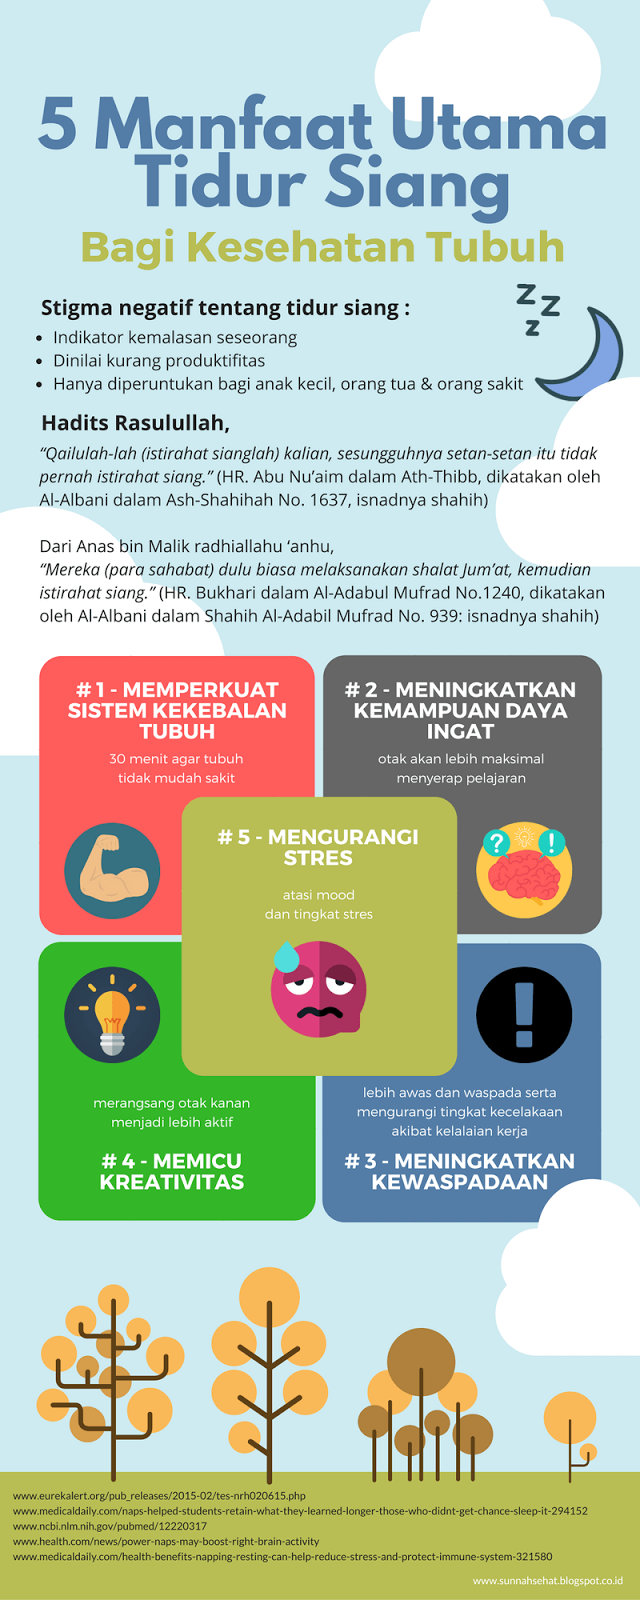 Manfaat Agar Agar : manfaat, Infografis], Power, Manfaat, Utama, Tidur, Siang, Kesehatan, Tubuh, [Infografis], Perawatan, Kesehatan,, Infografis